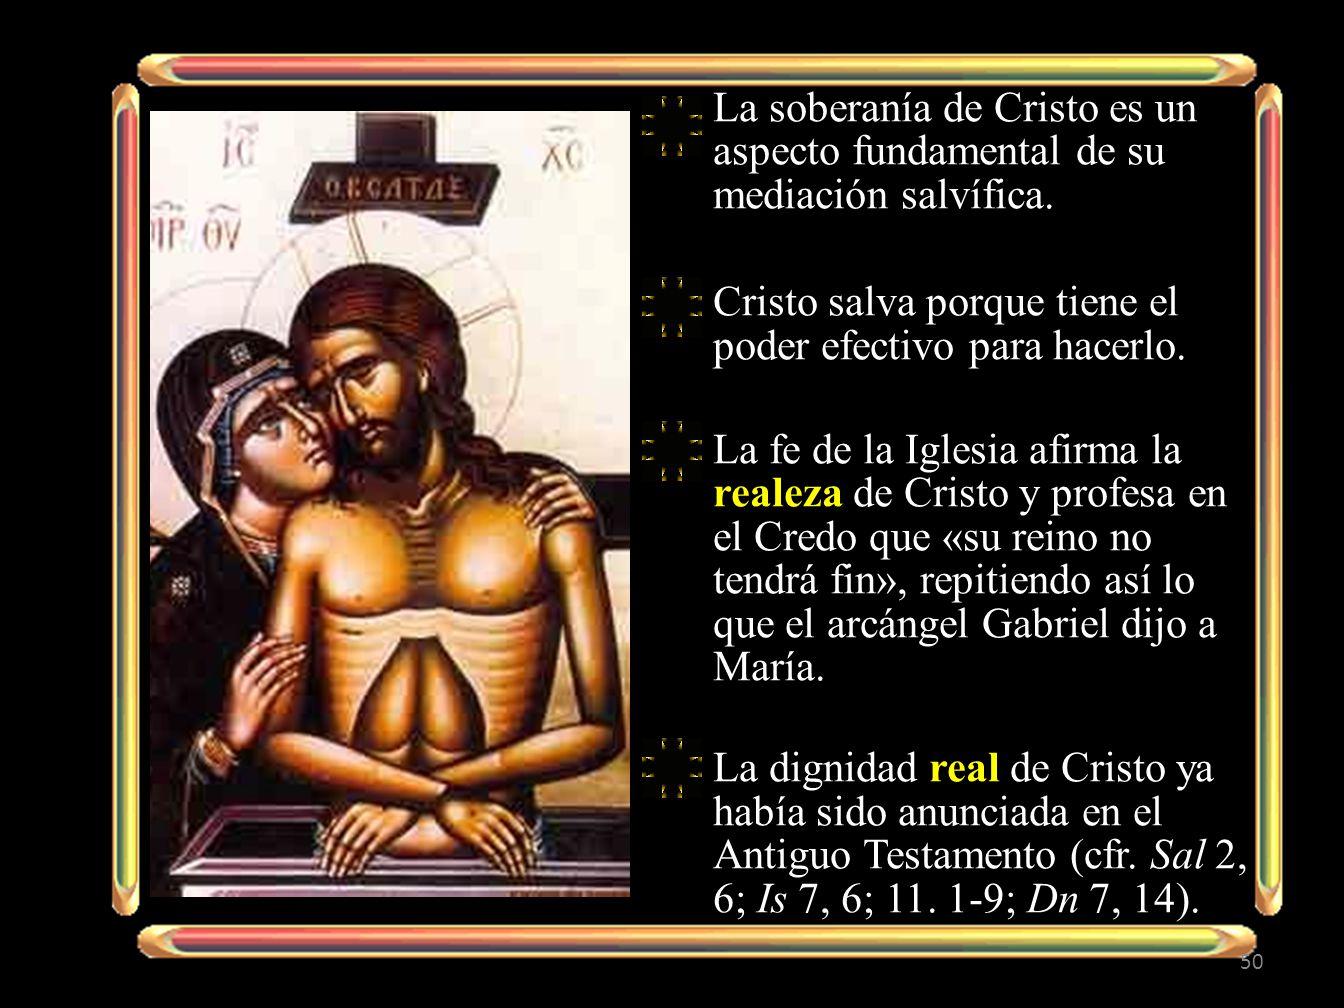 La soberanía de Cristo es un aspecto fundamental de su mediación salvífica.